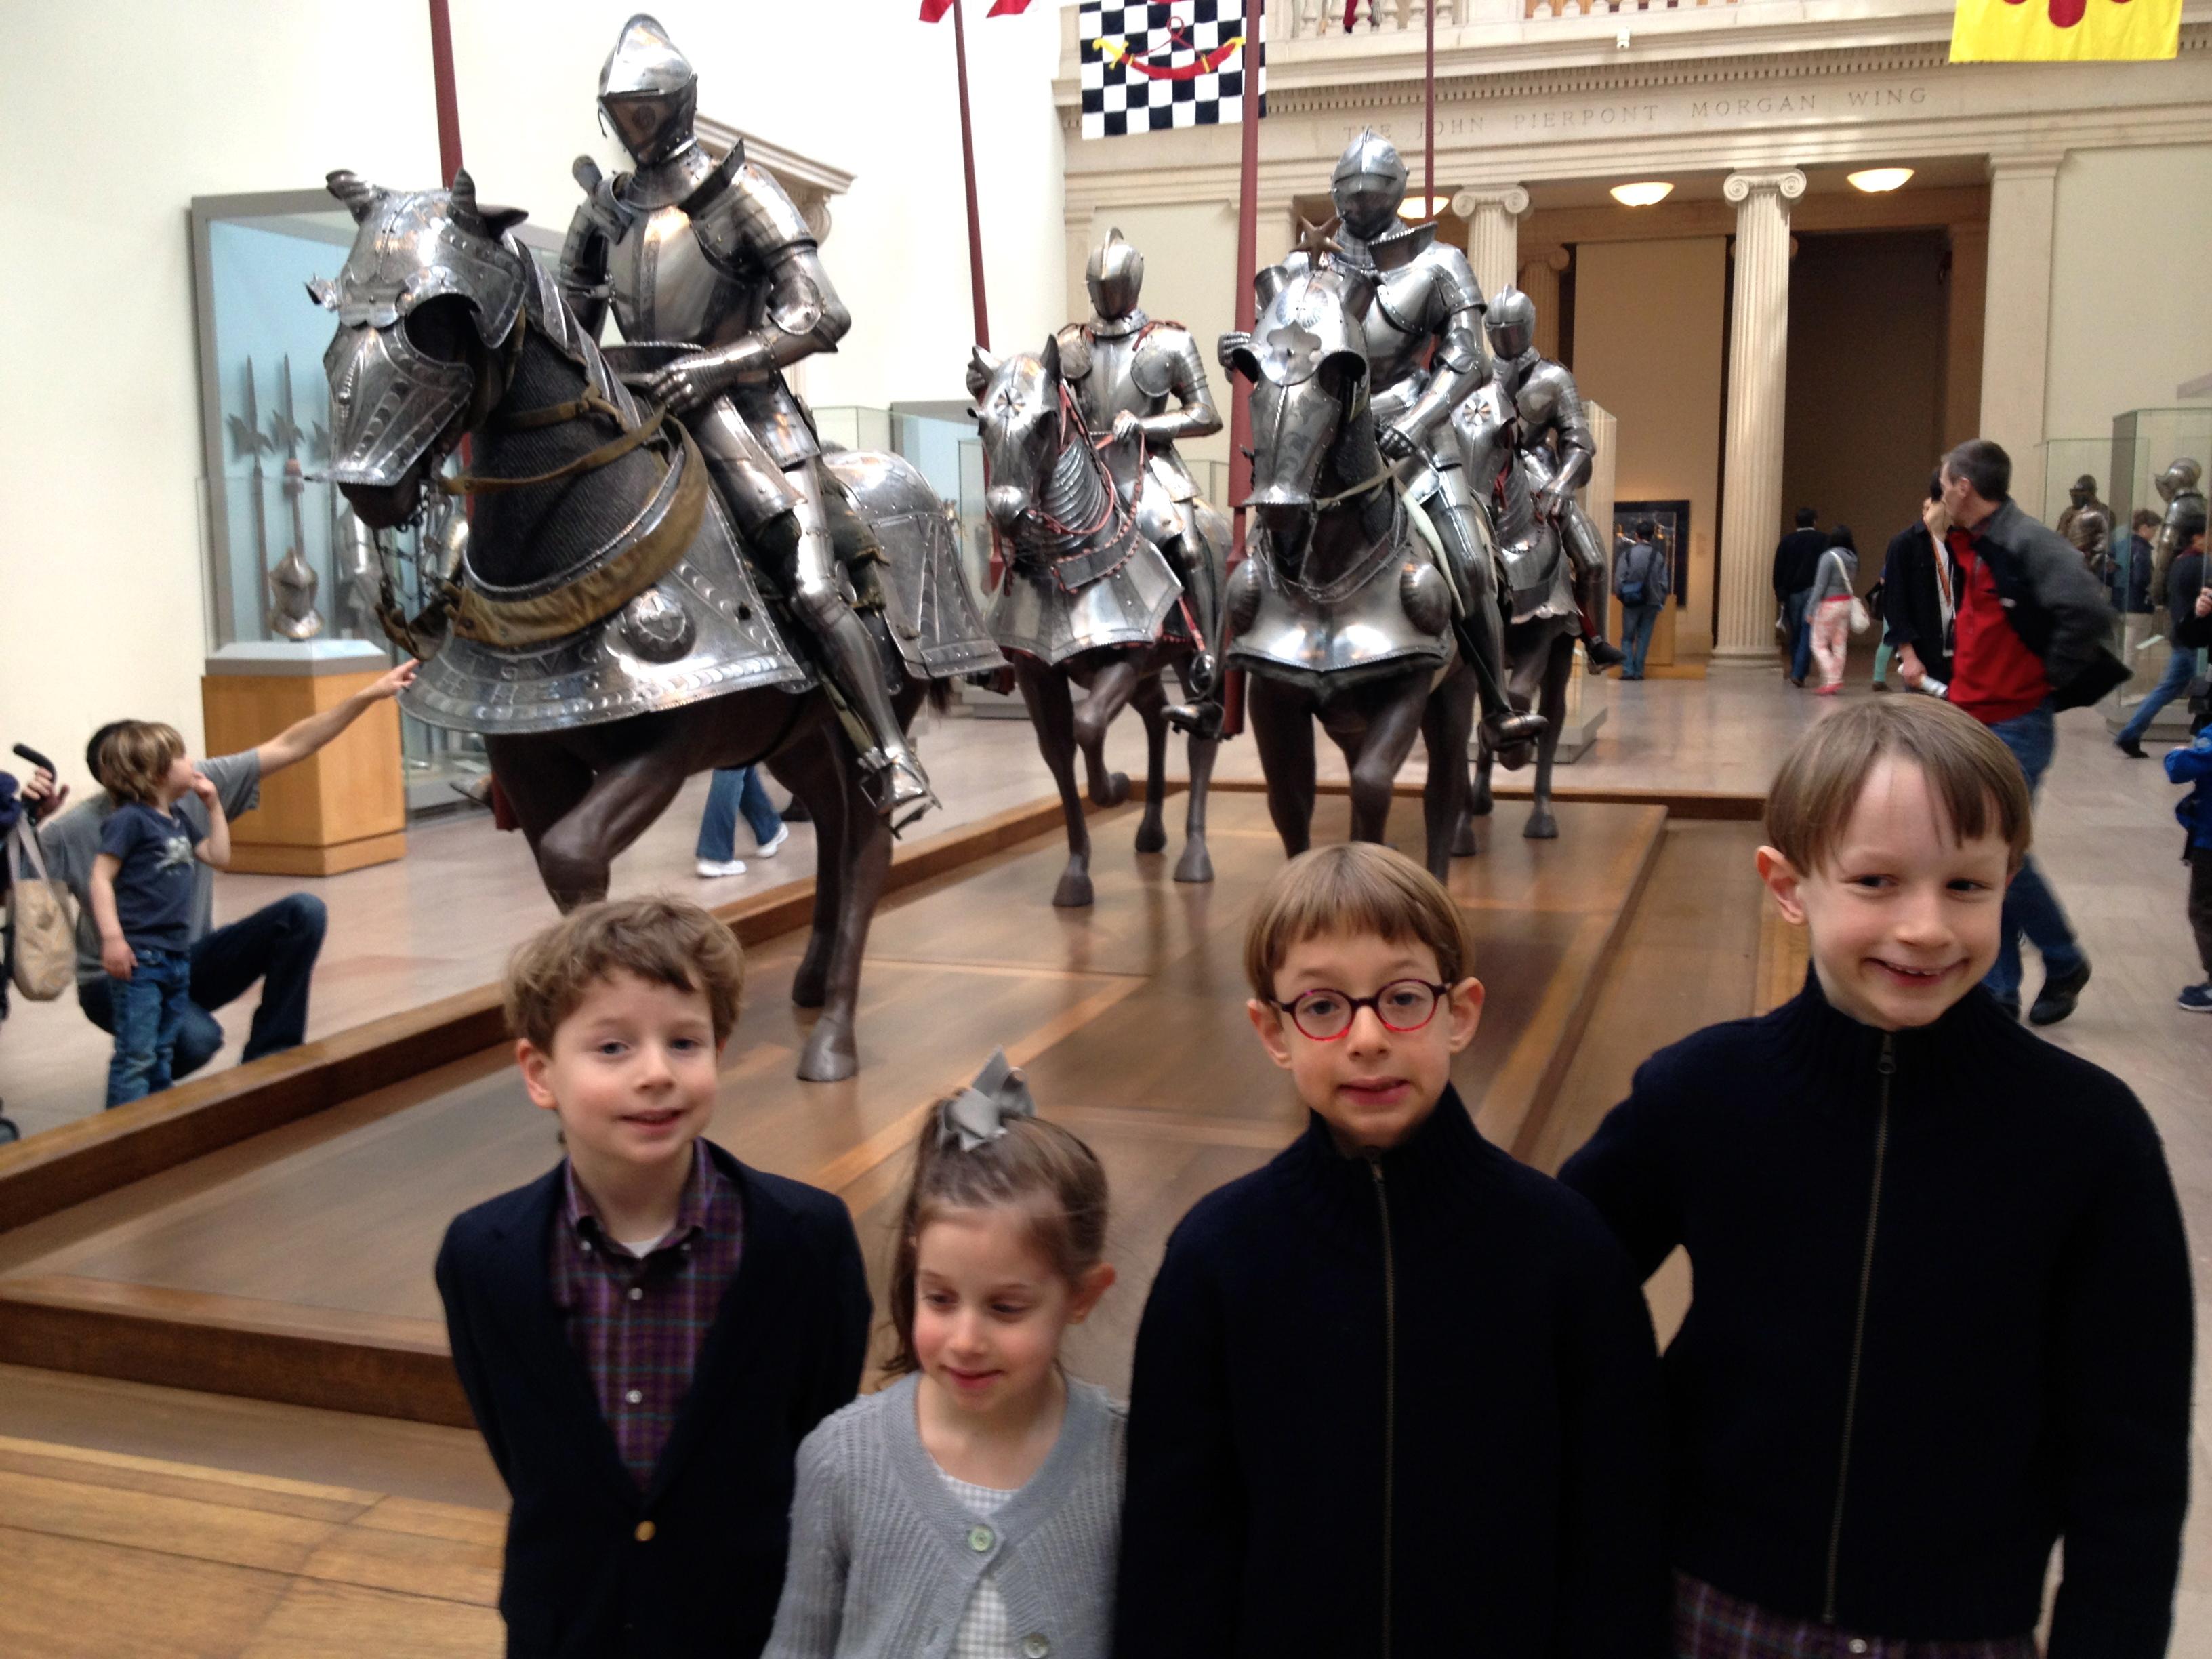 teaching children about war